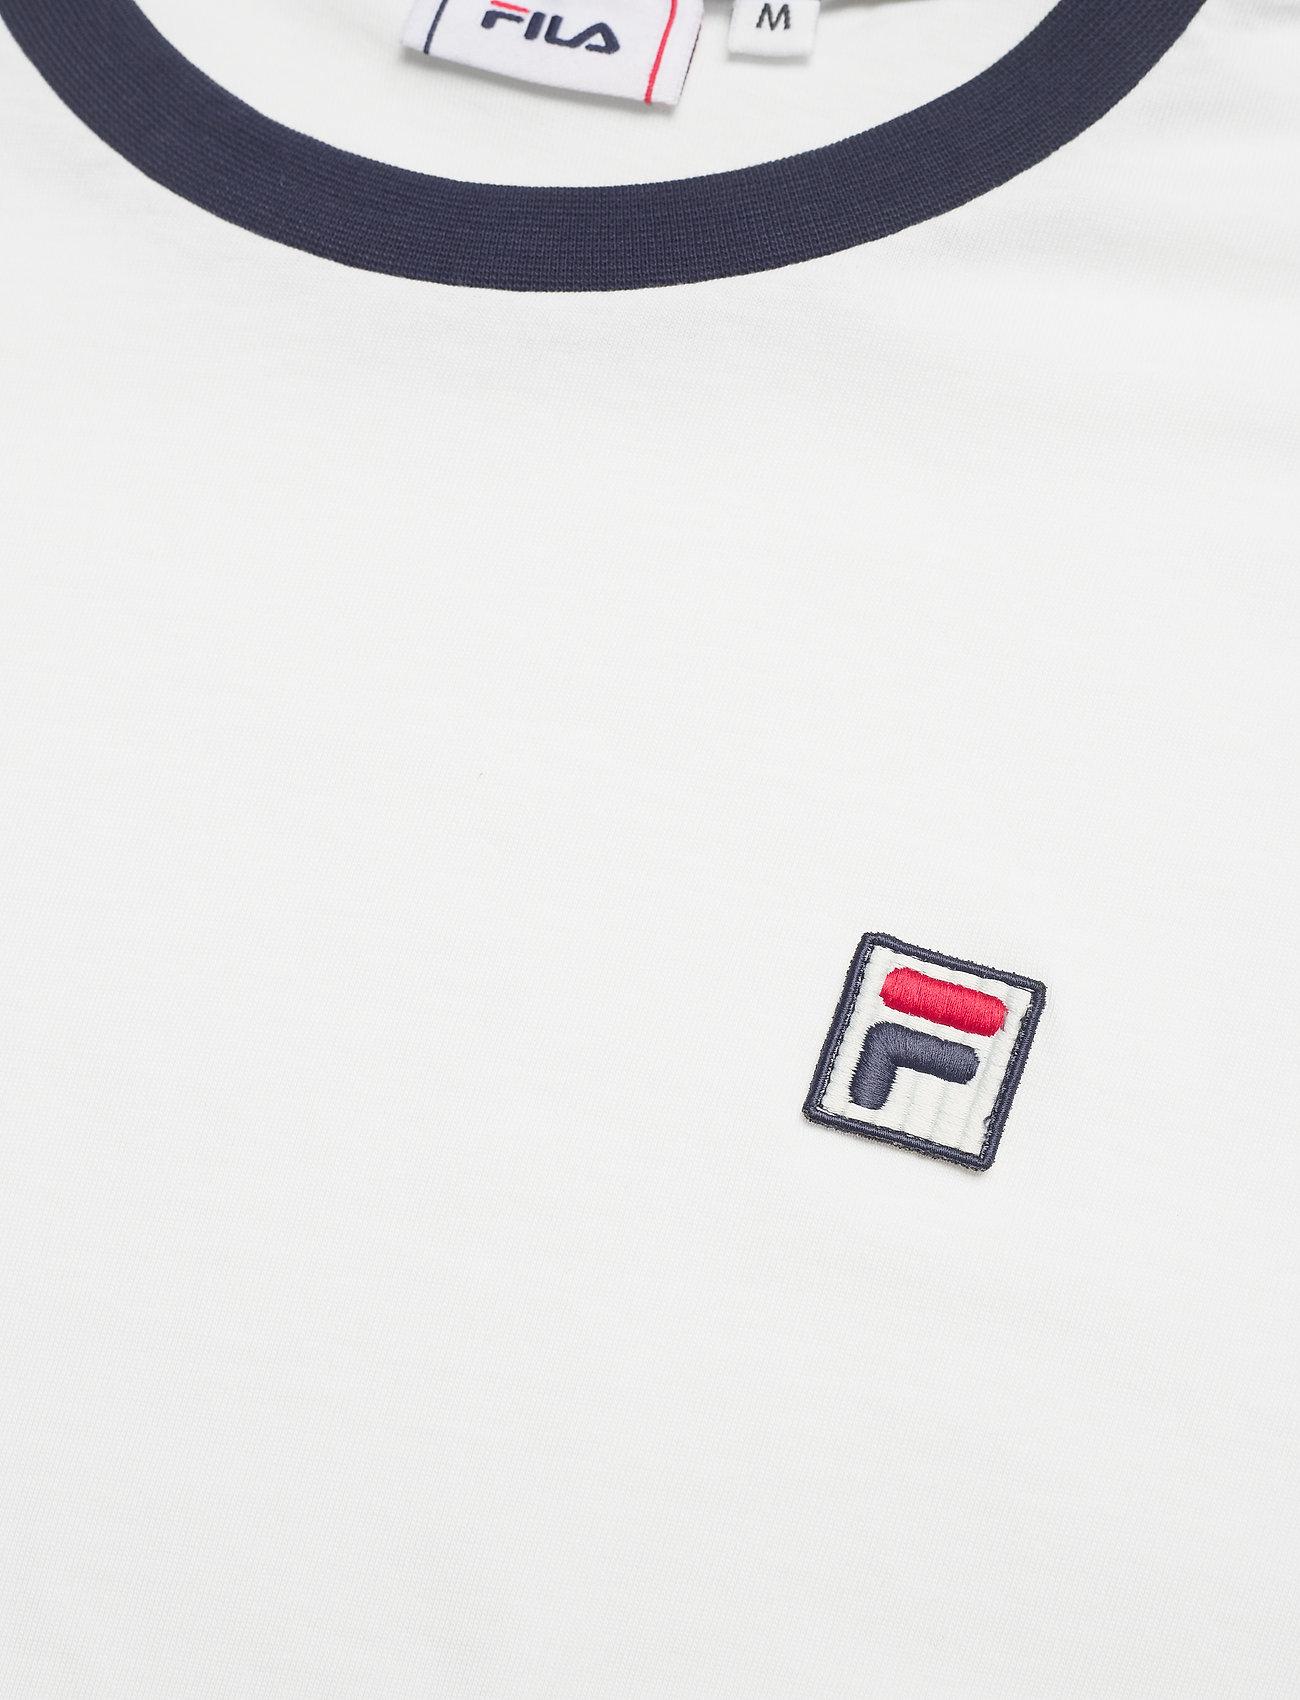 FILA MEN WARD ringer tee - T-skjorter BLANC DE BLANC-BLACK IRIS - Menn Klær